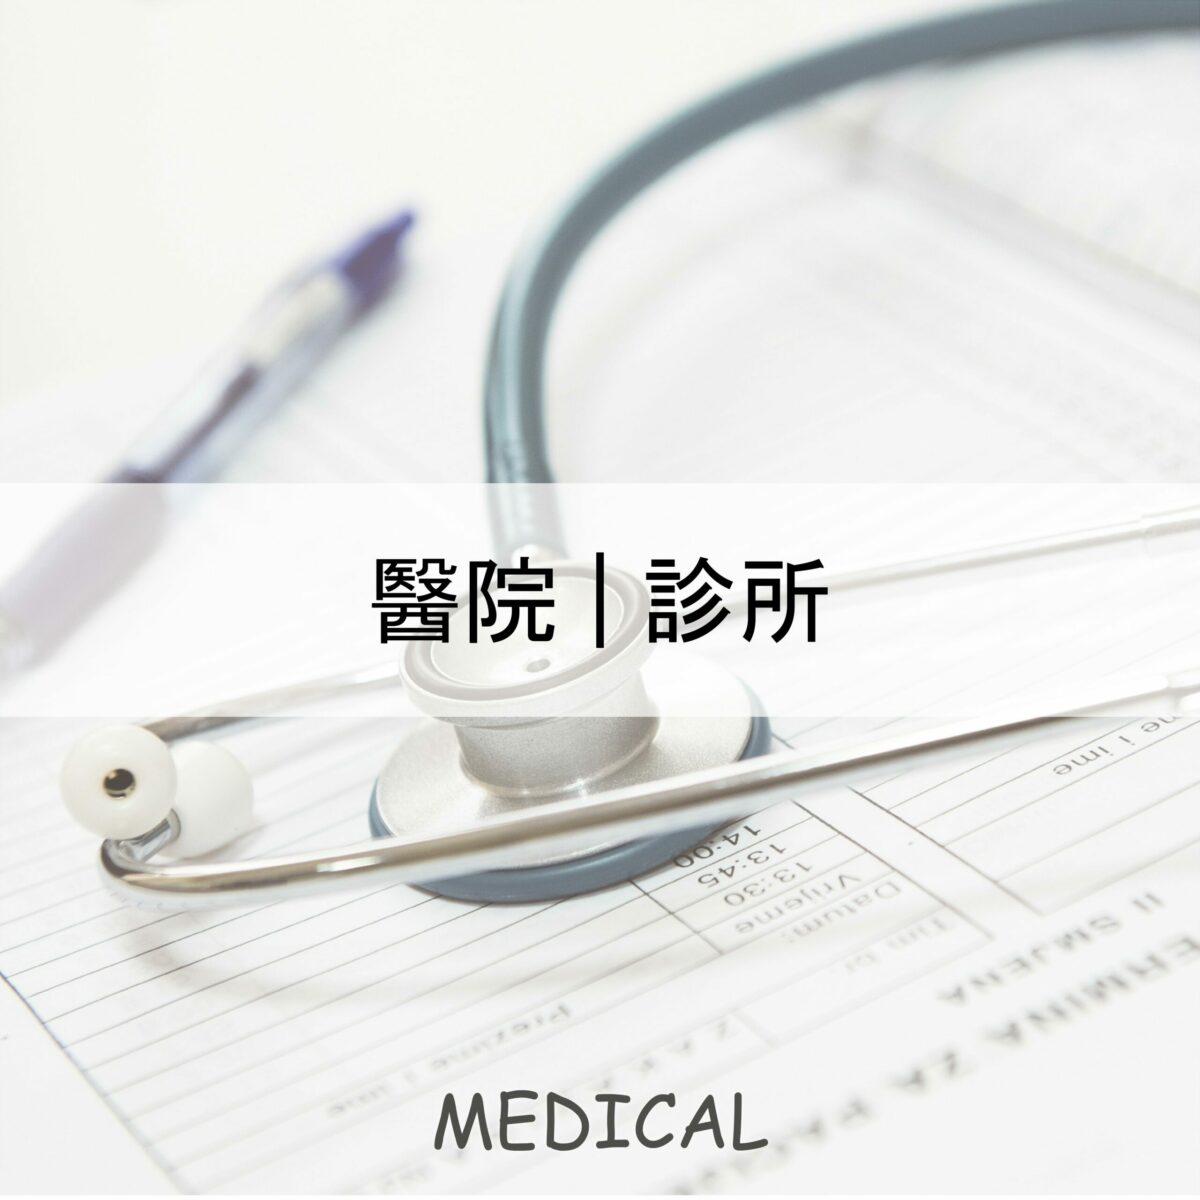 醫療診所專用設備|沛禮國際